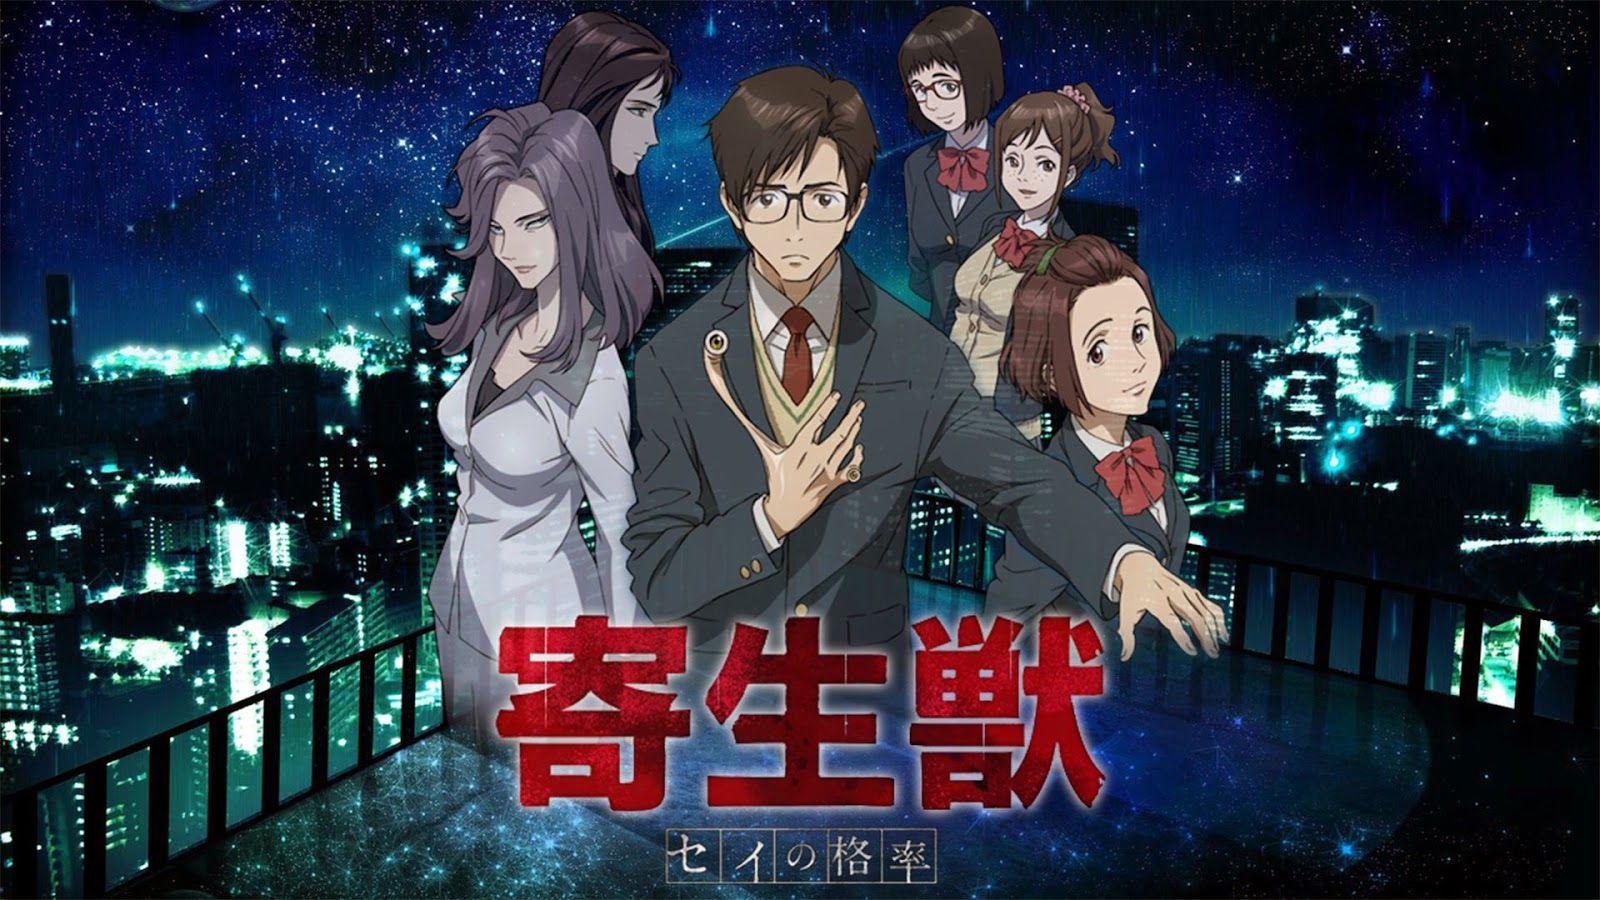 parasyte, vote now Anime art, Top anime series, Otaku anime